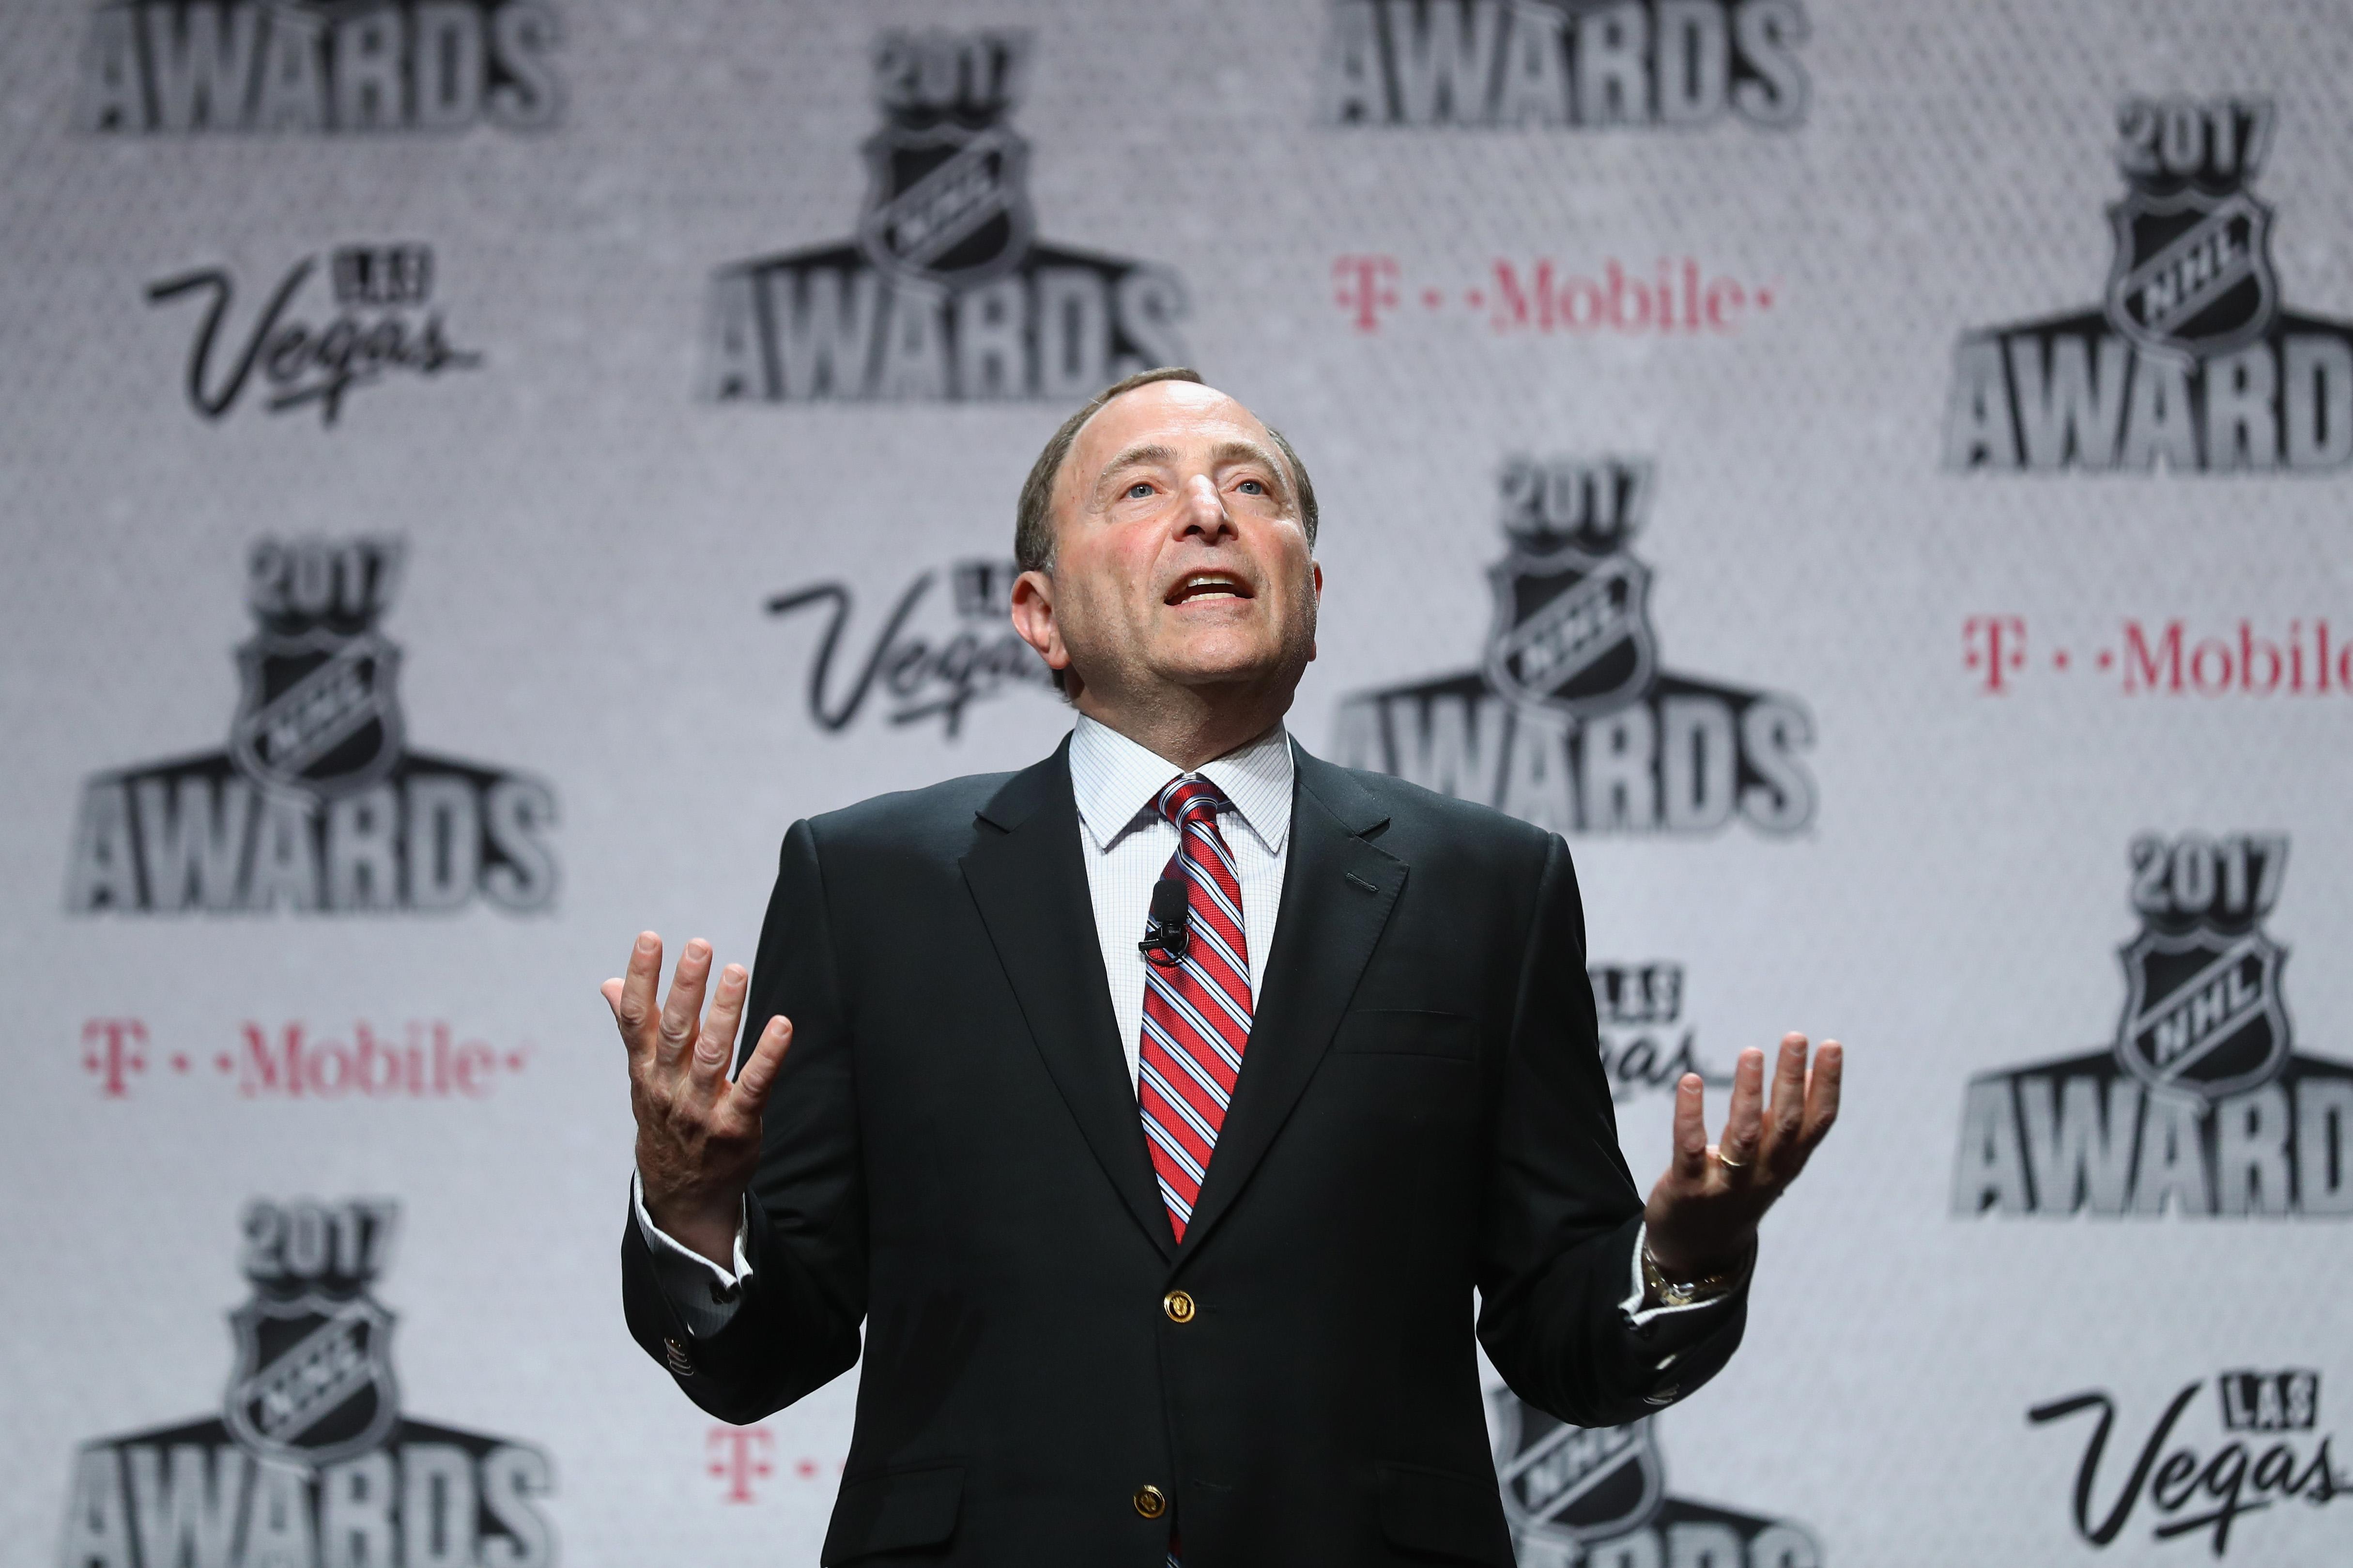 2017 NHL Humanitarian Awards